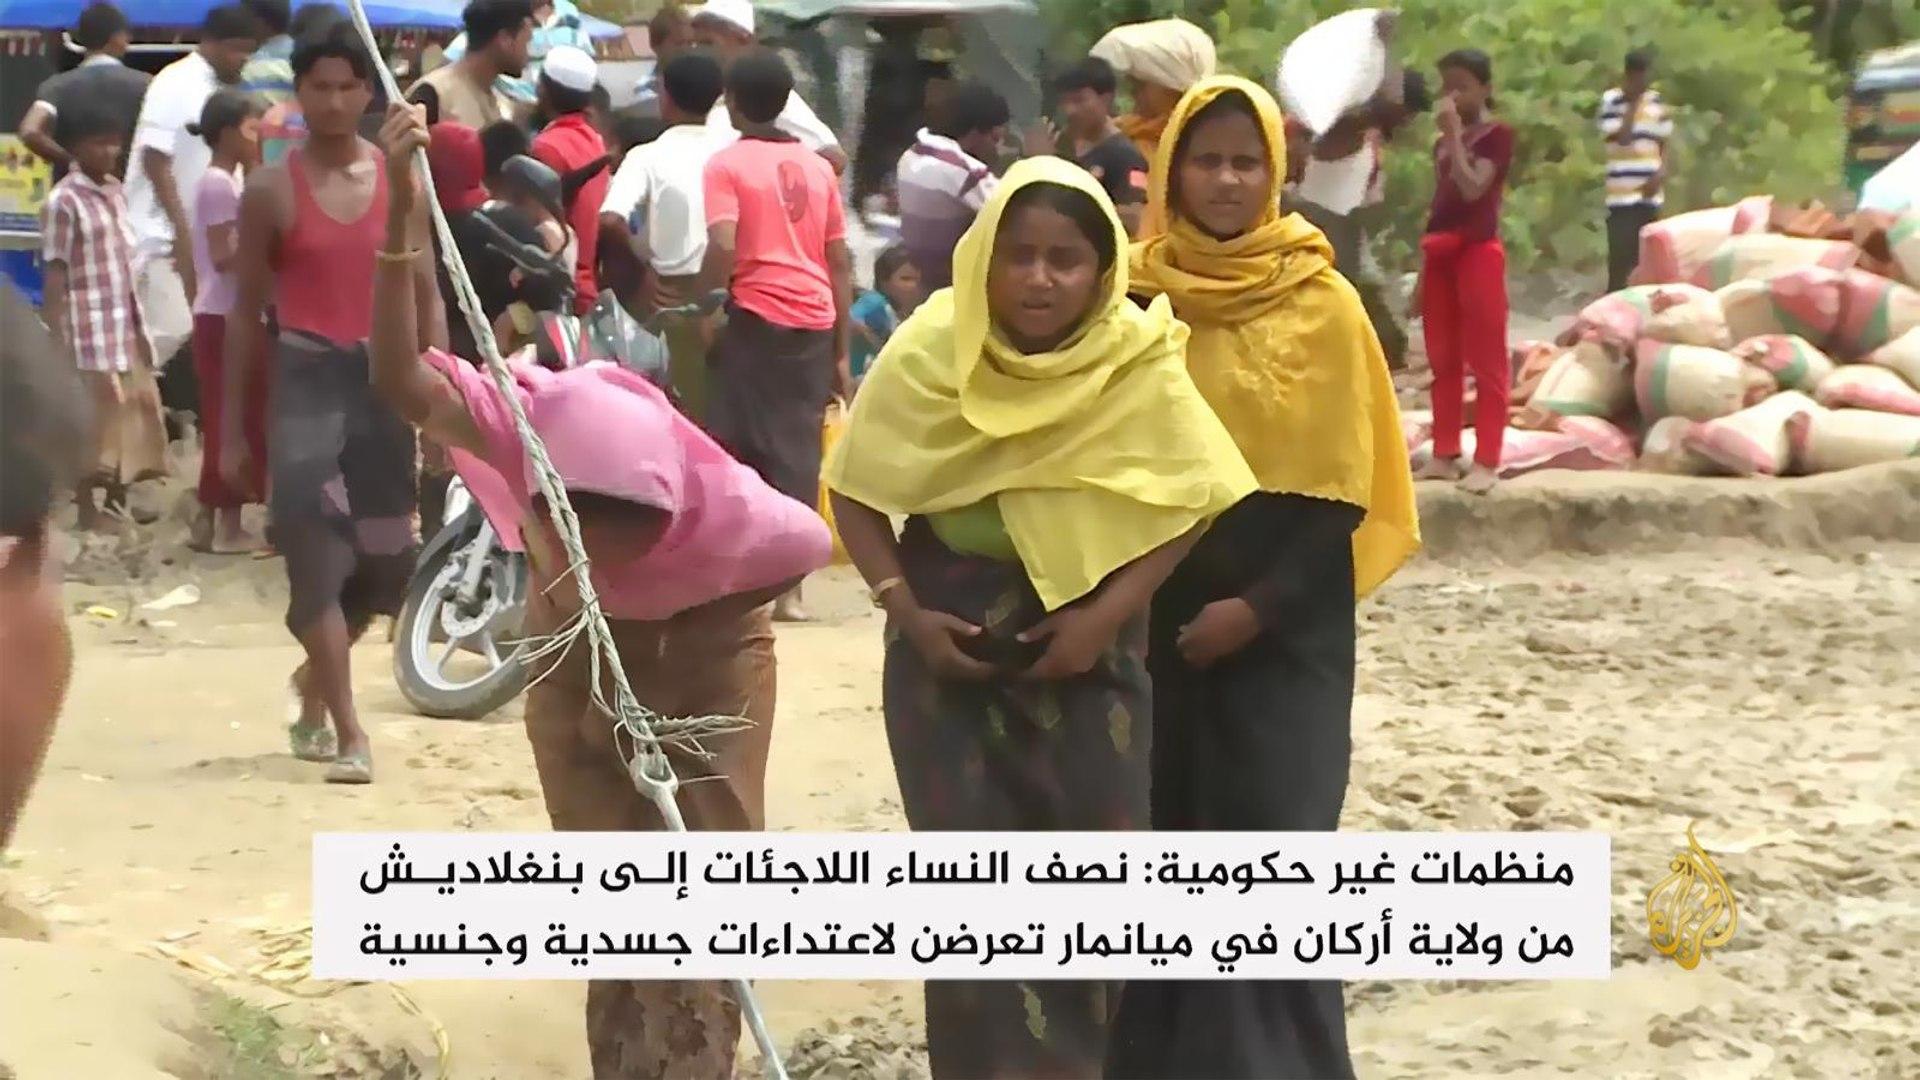 الجزيرة ترصد قصص اعتداء على مسلمات الروهينغا